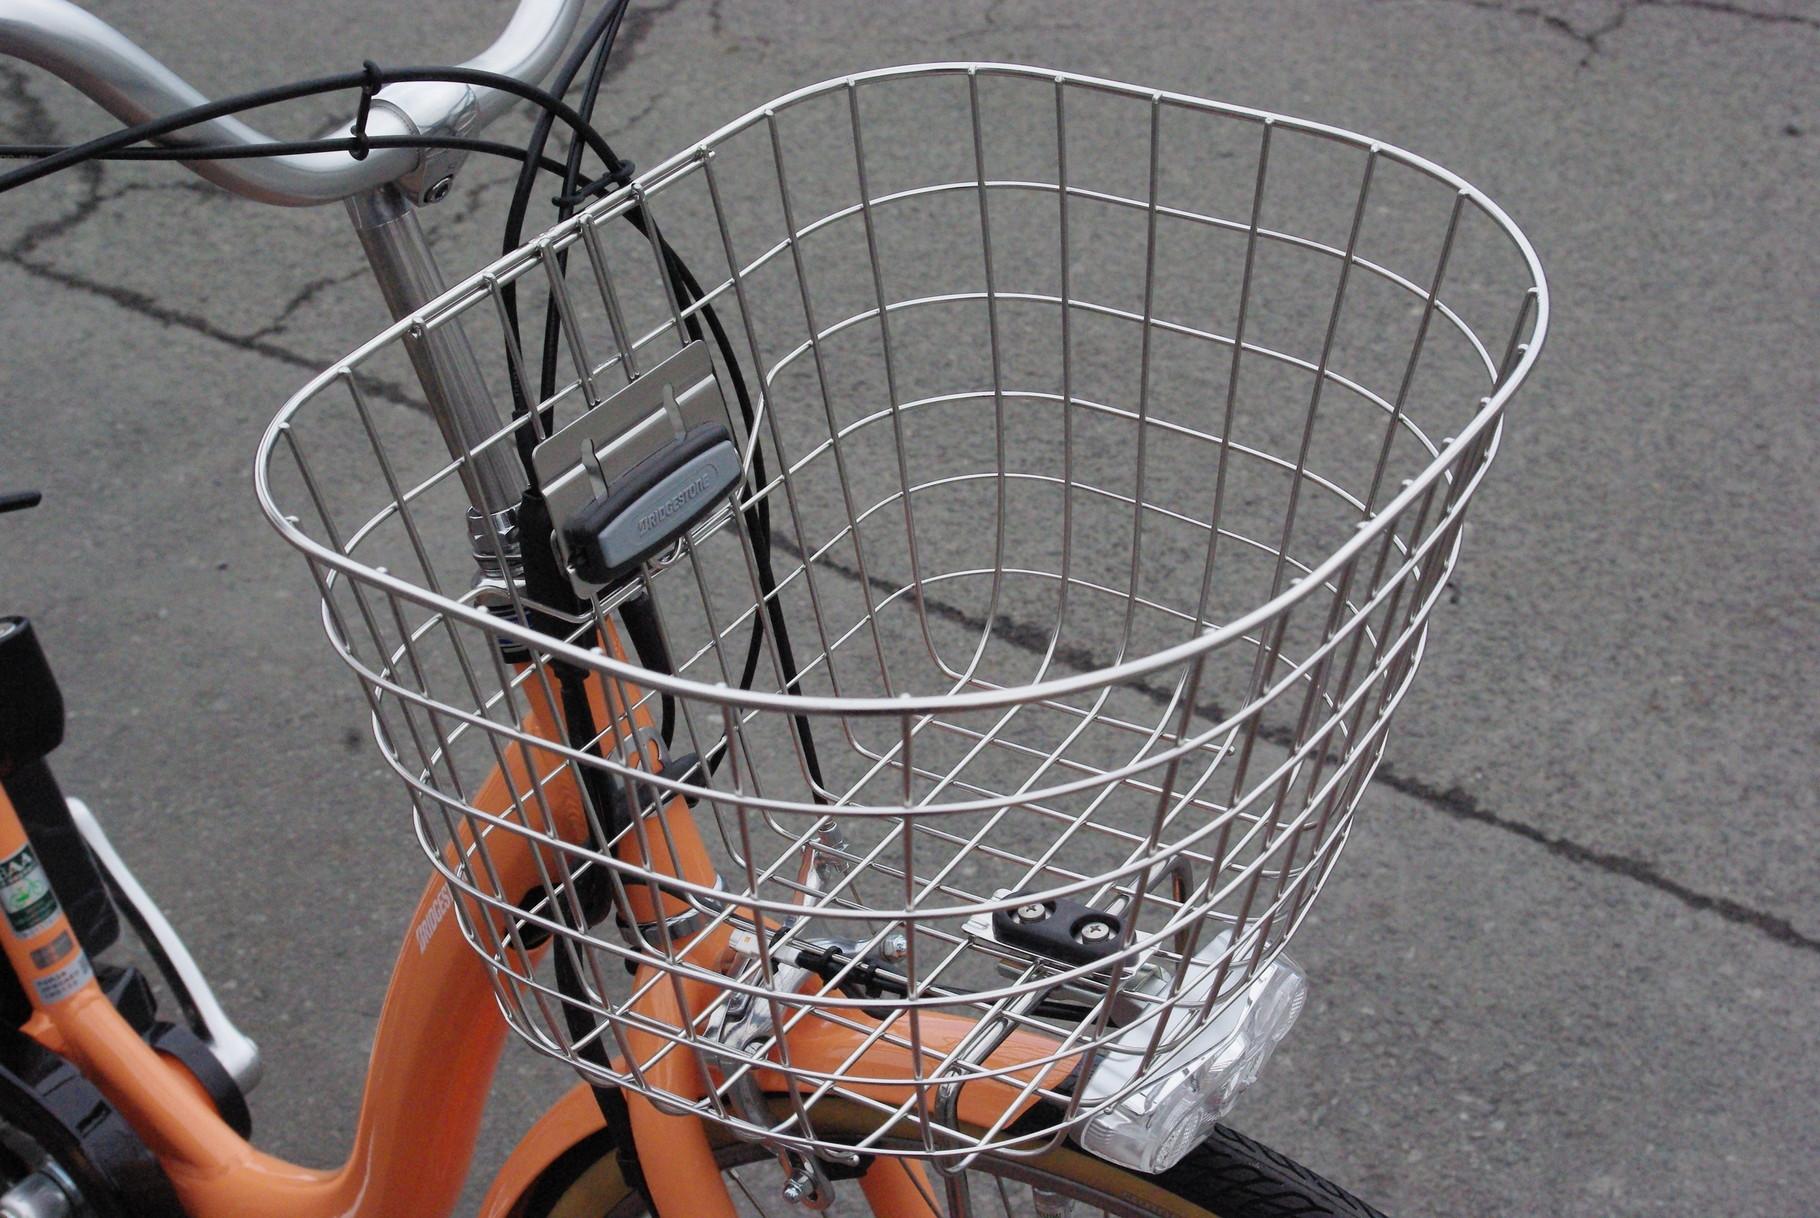 ステンレス製バスケット。サビに強く、丈夫です。